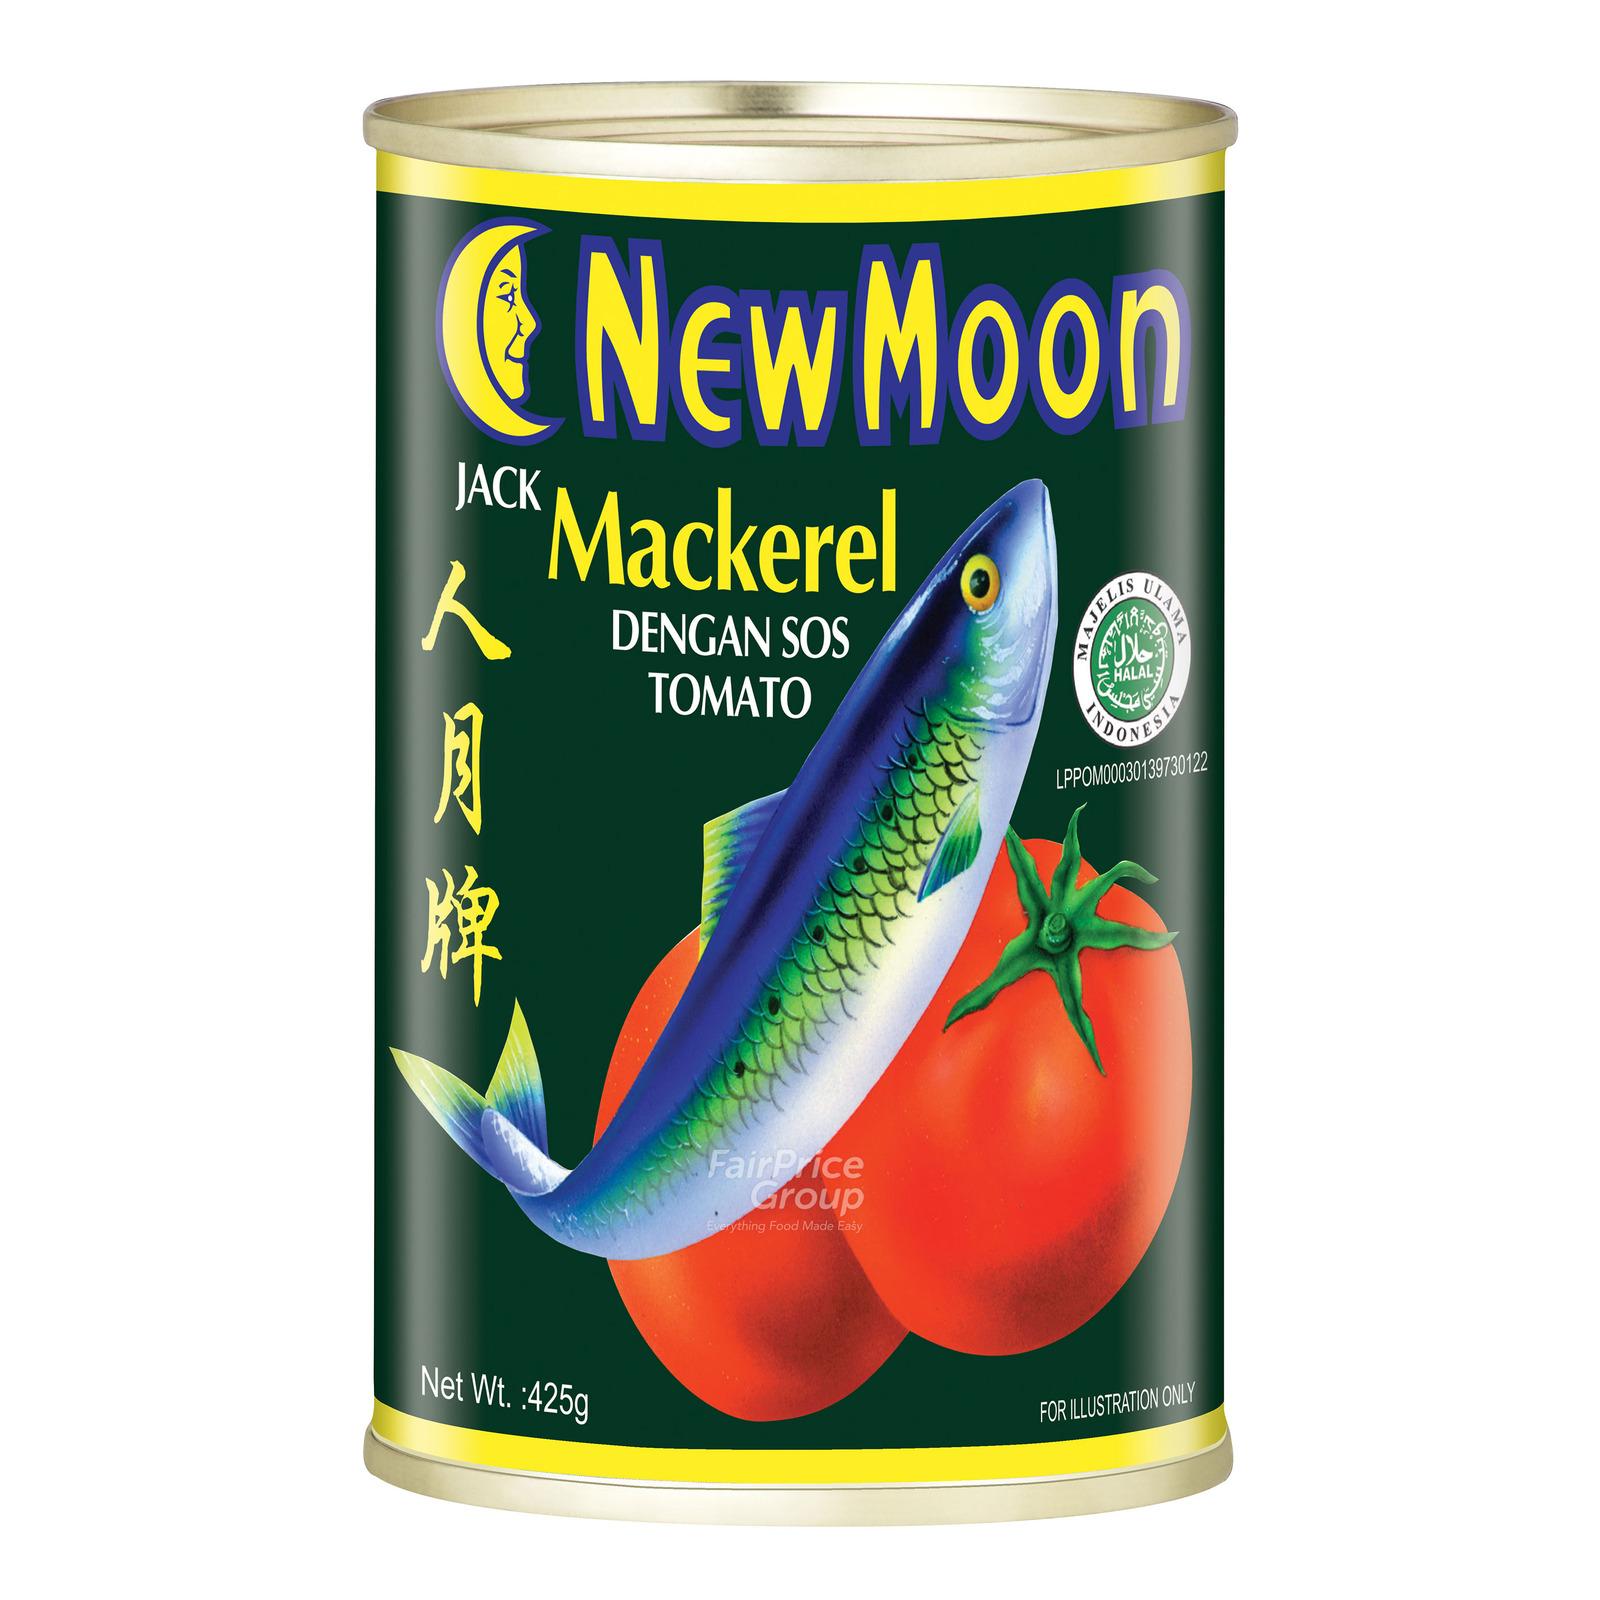 NEW MOON New Moon Jack Mackerel In Tomato Sauce 425g